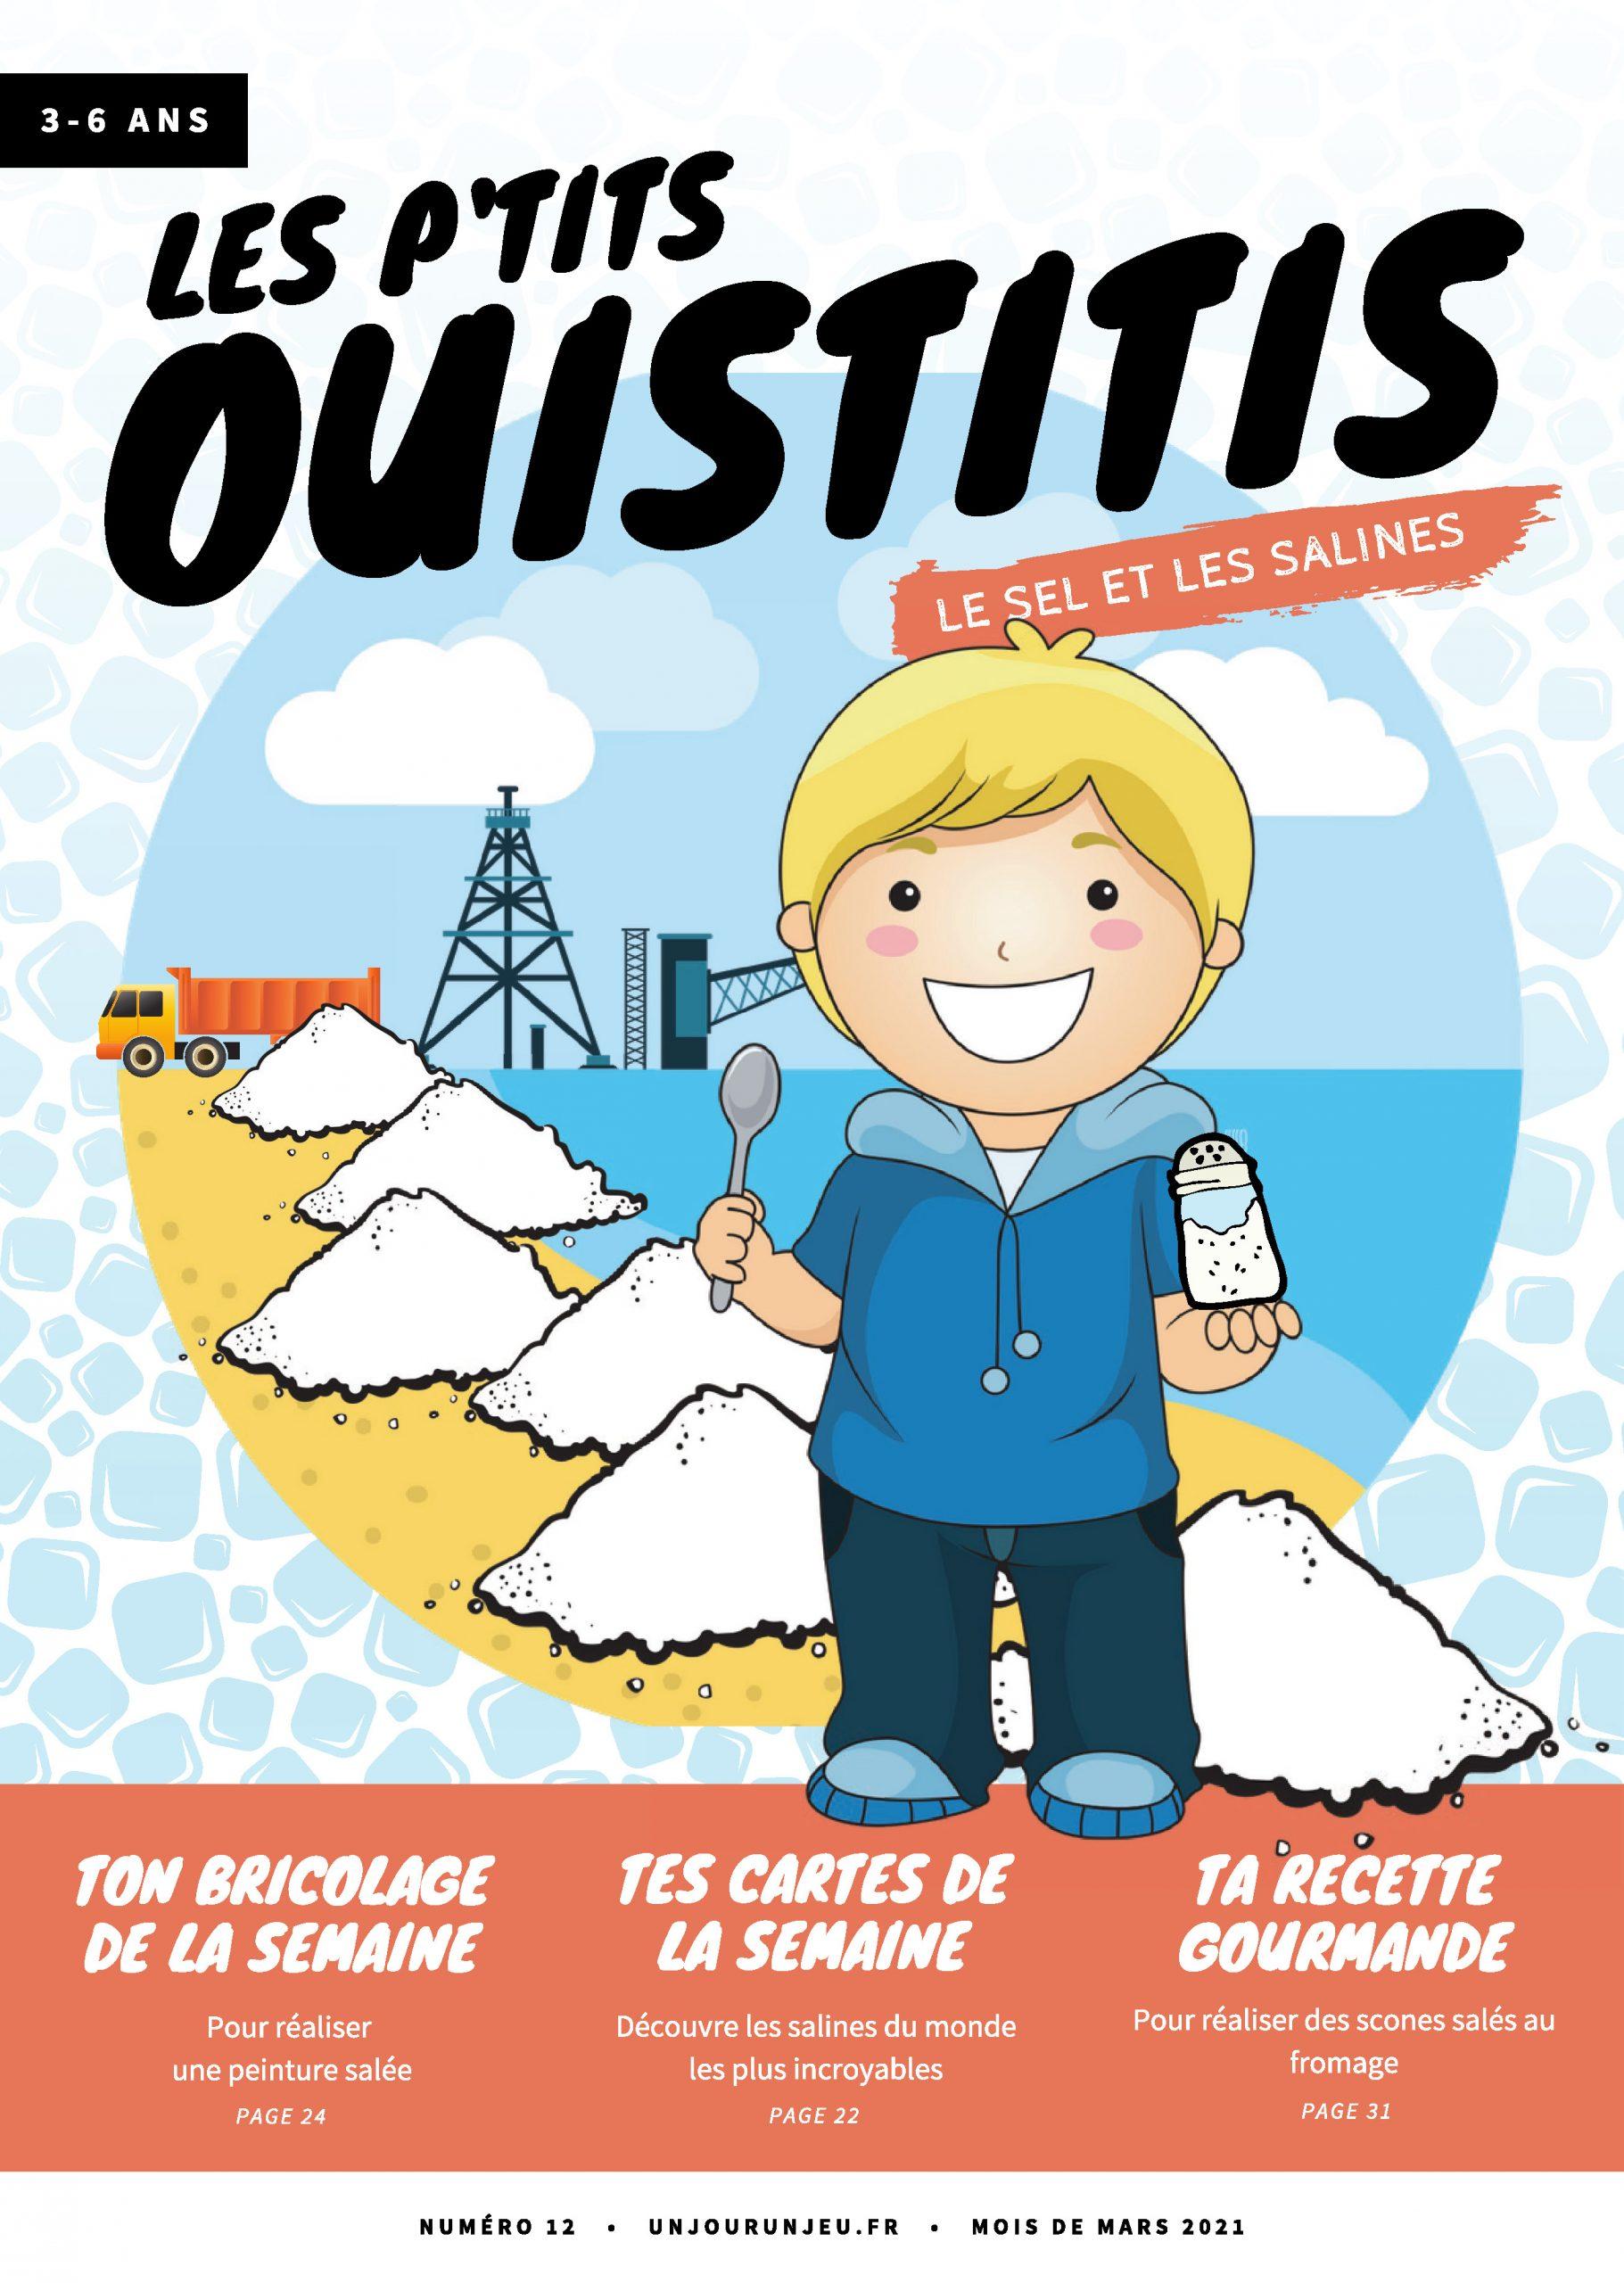 Les P'tits Ouistitis, le sel et les salines